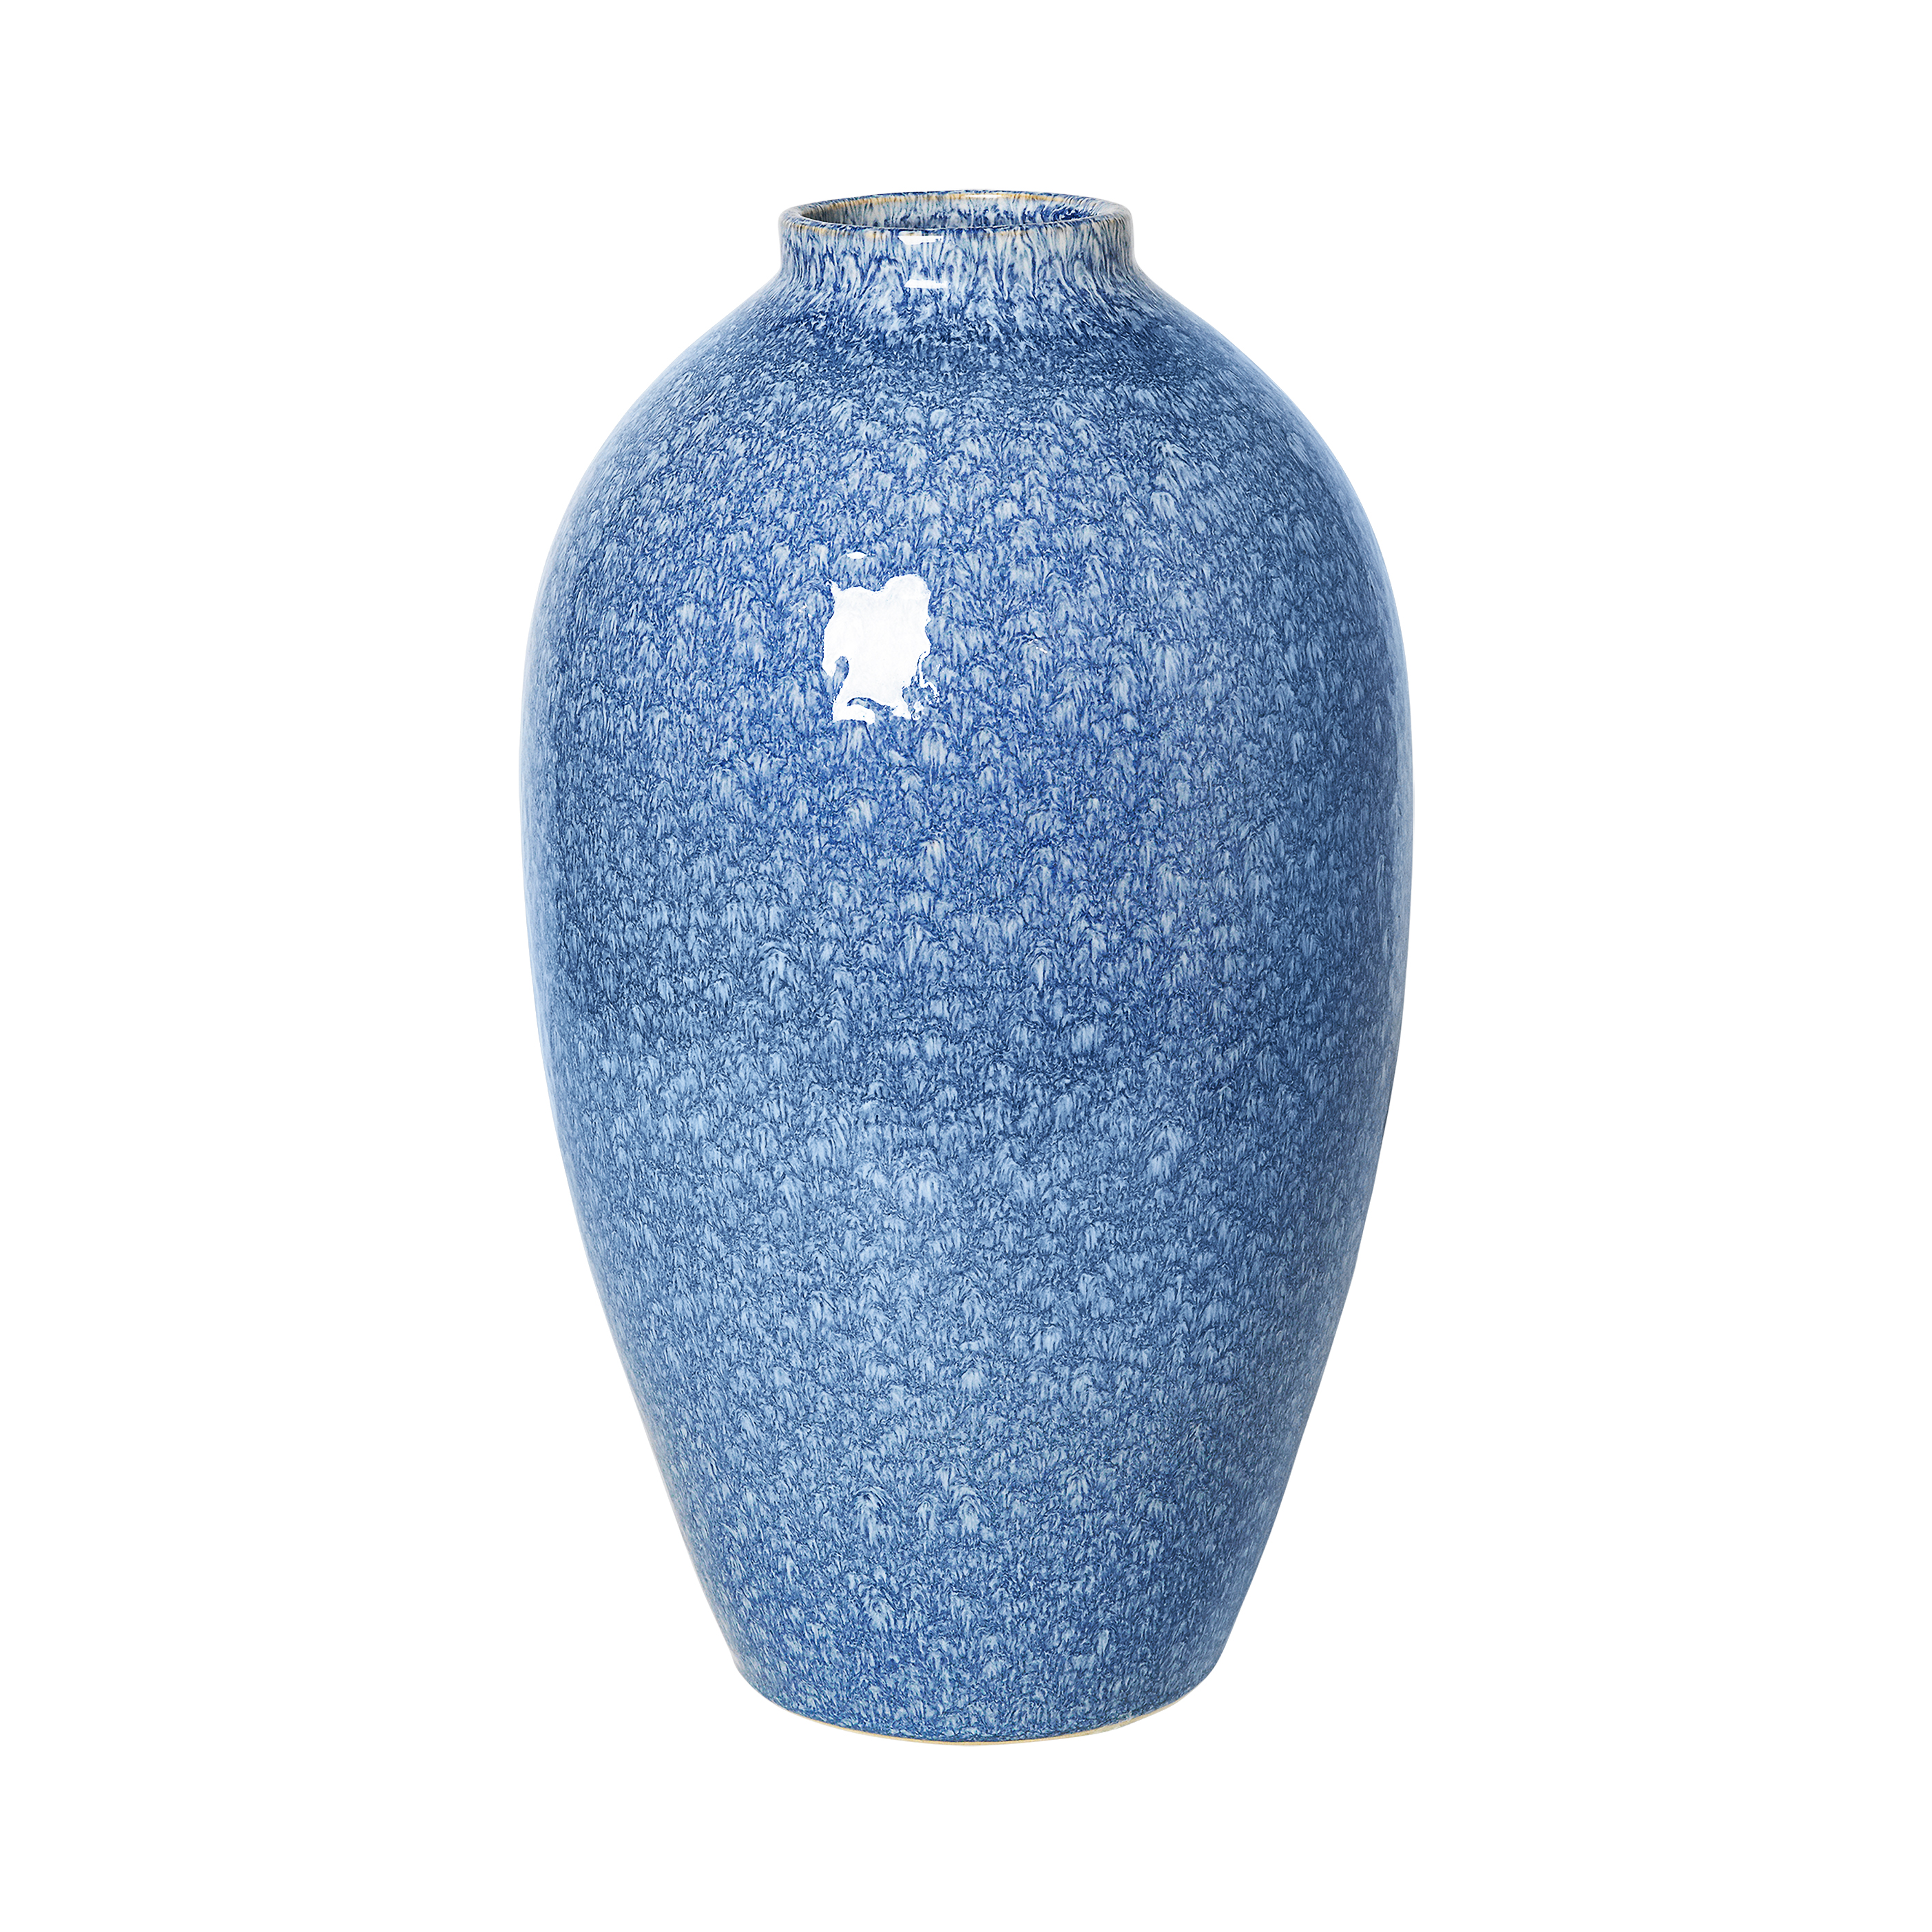 Broste Vas Ingrid keramik Insignia Blue/White ø23.5x40cm